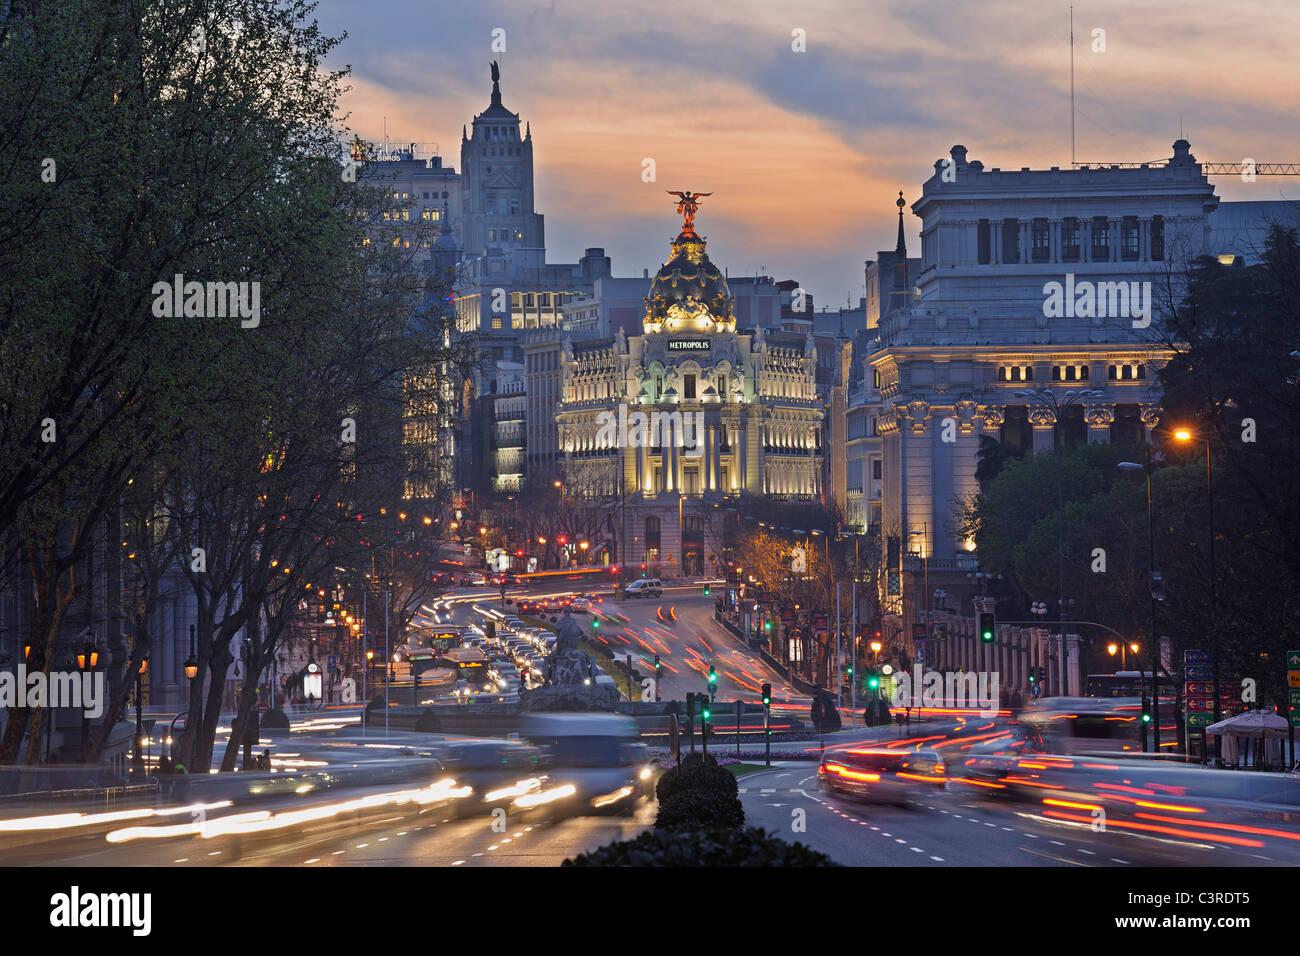 Ansicht der Calle de Alcalá, Madrid und Plaza de Cibeles, verschwommen Edificio Metropolis Verkehr in der Abenddämmerung Stockbild